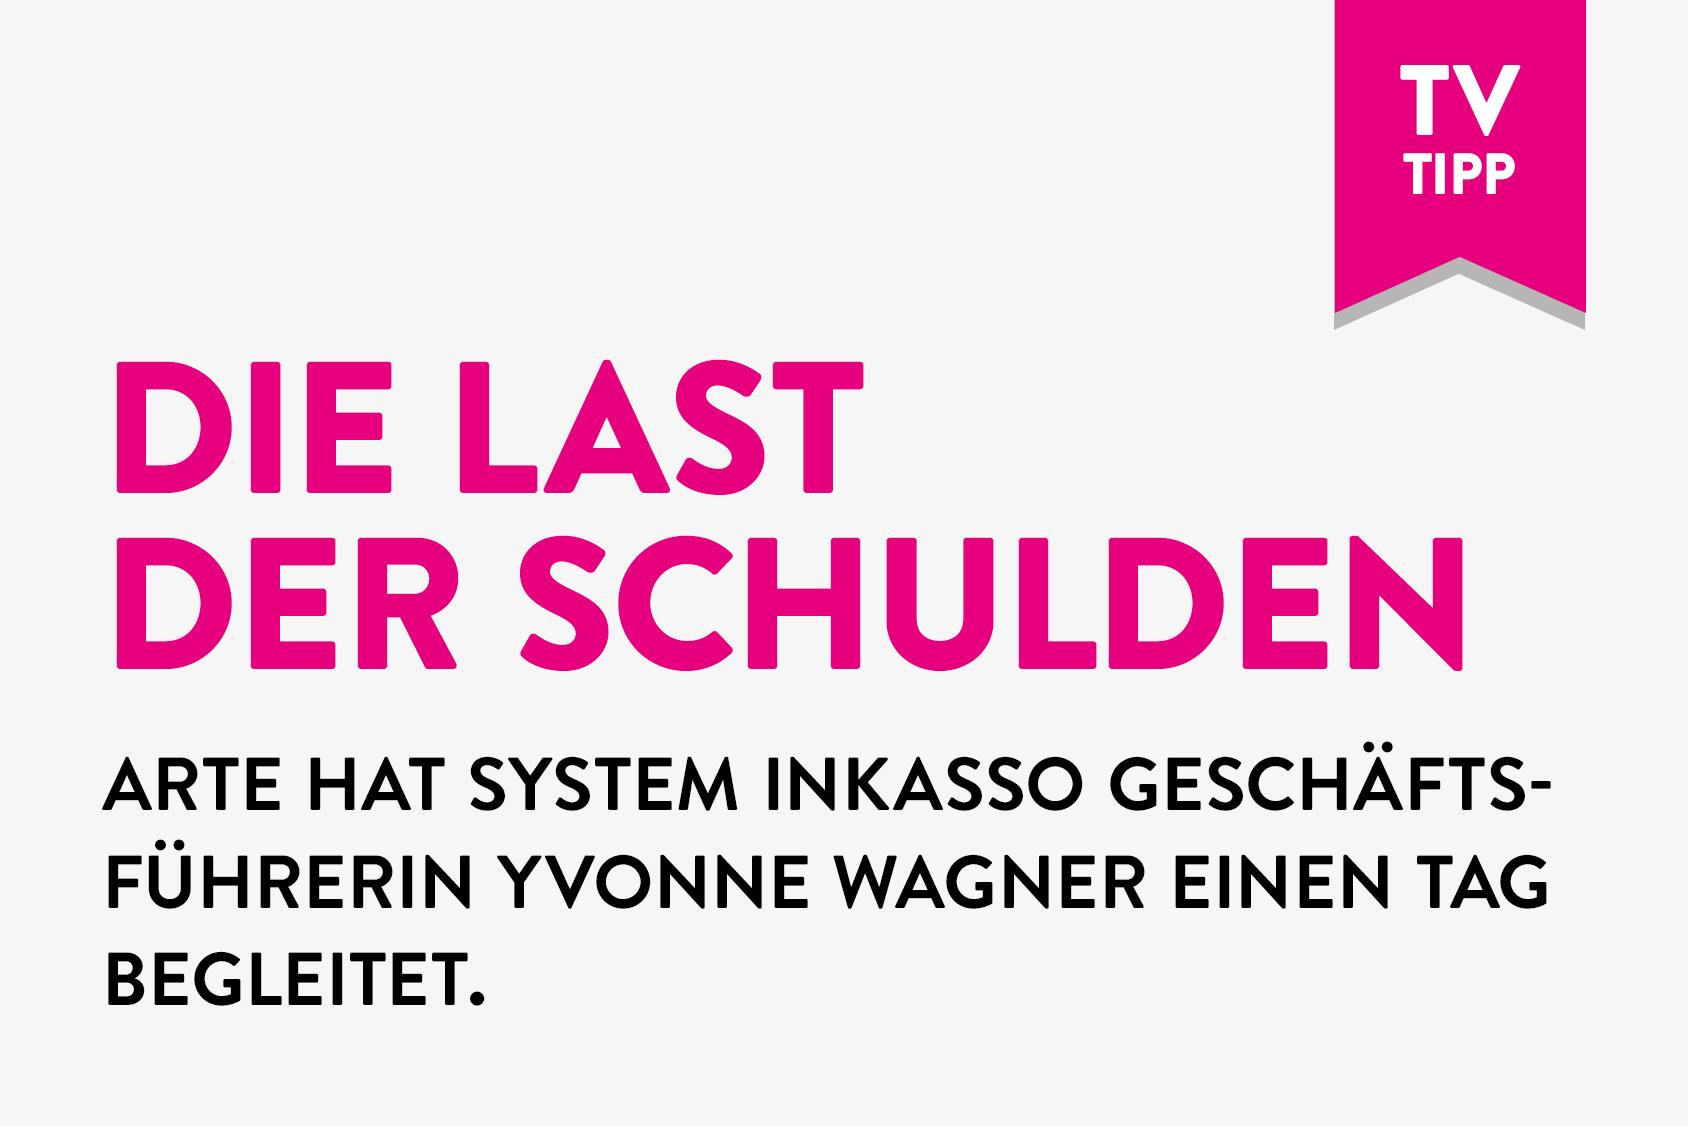 Die Last der Schulden: ARTE hat System Inkasso Geschäftsführerin Yvonne Wagner einen Tag begleitet